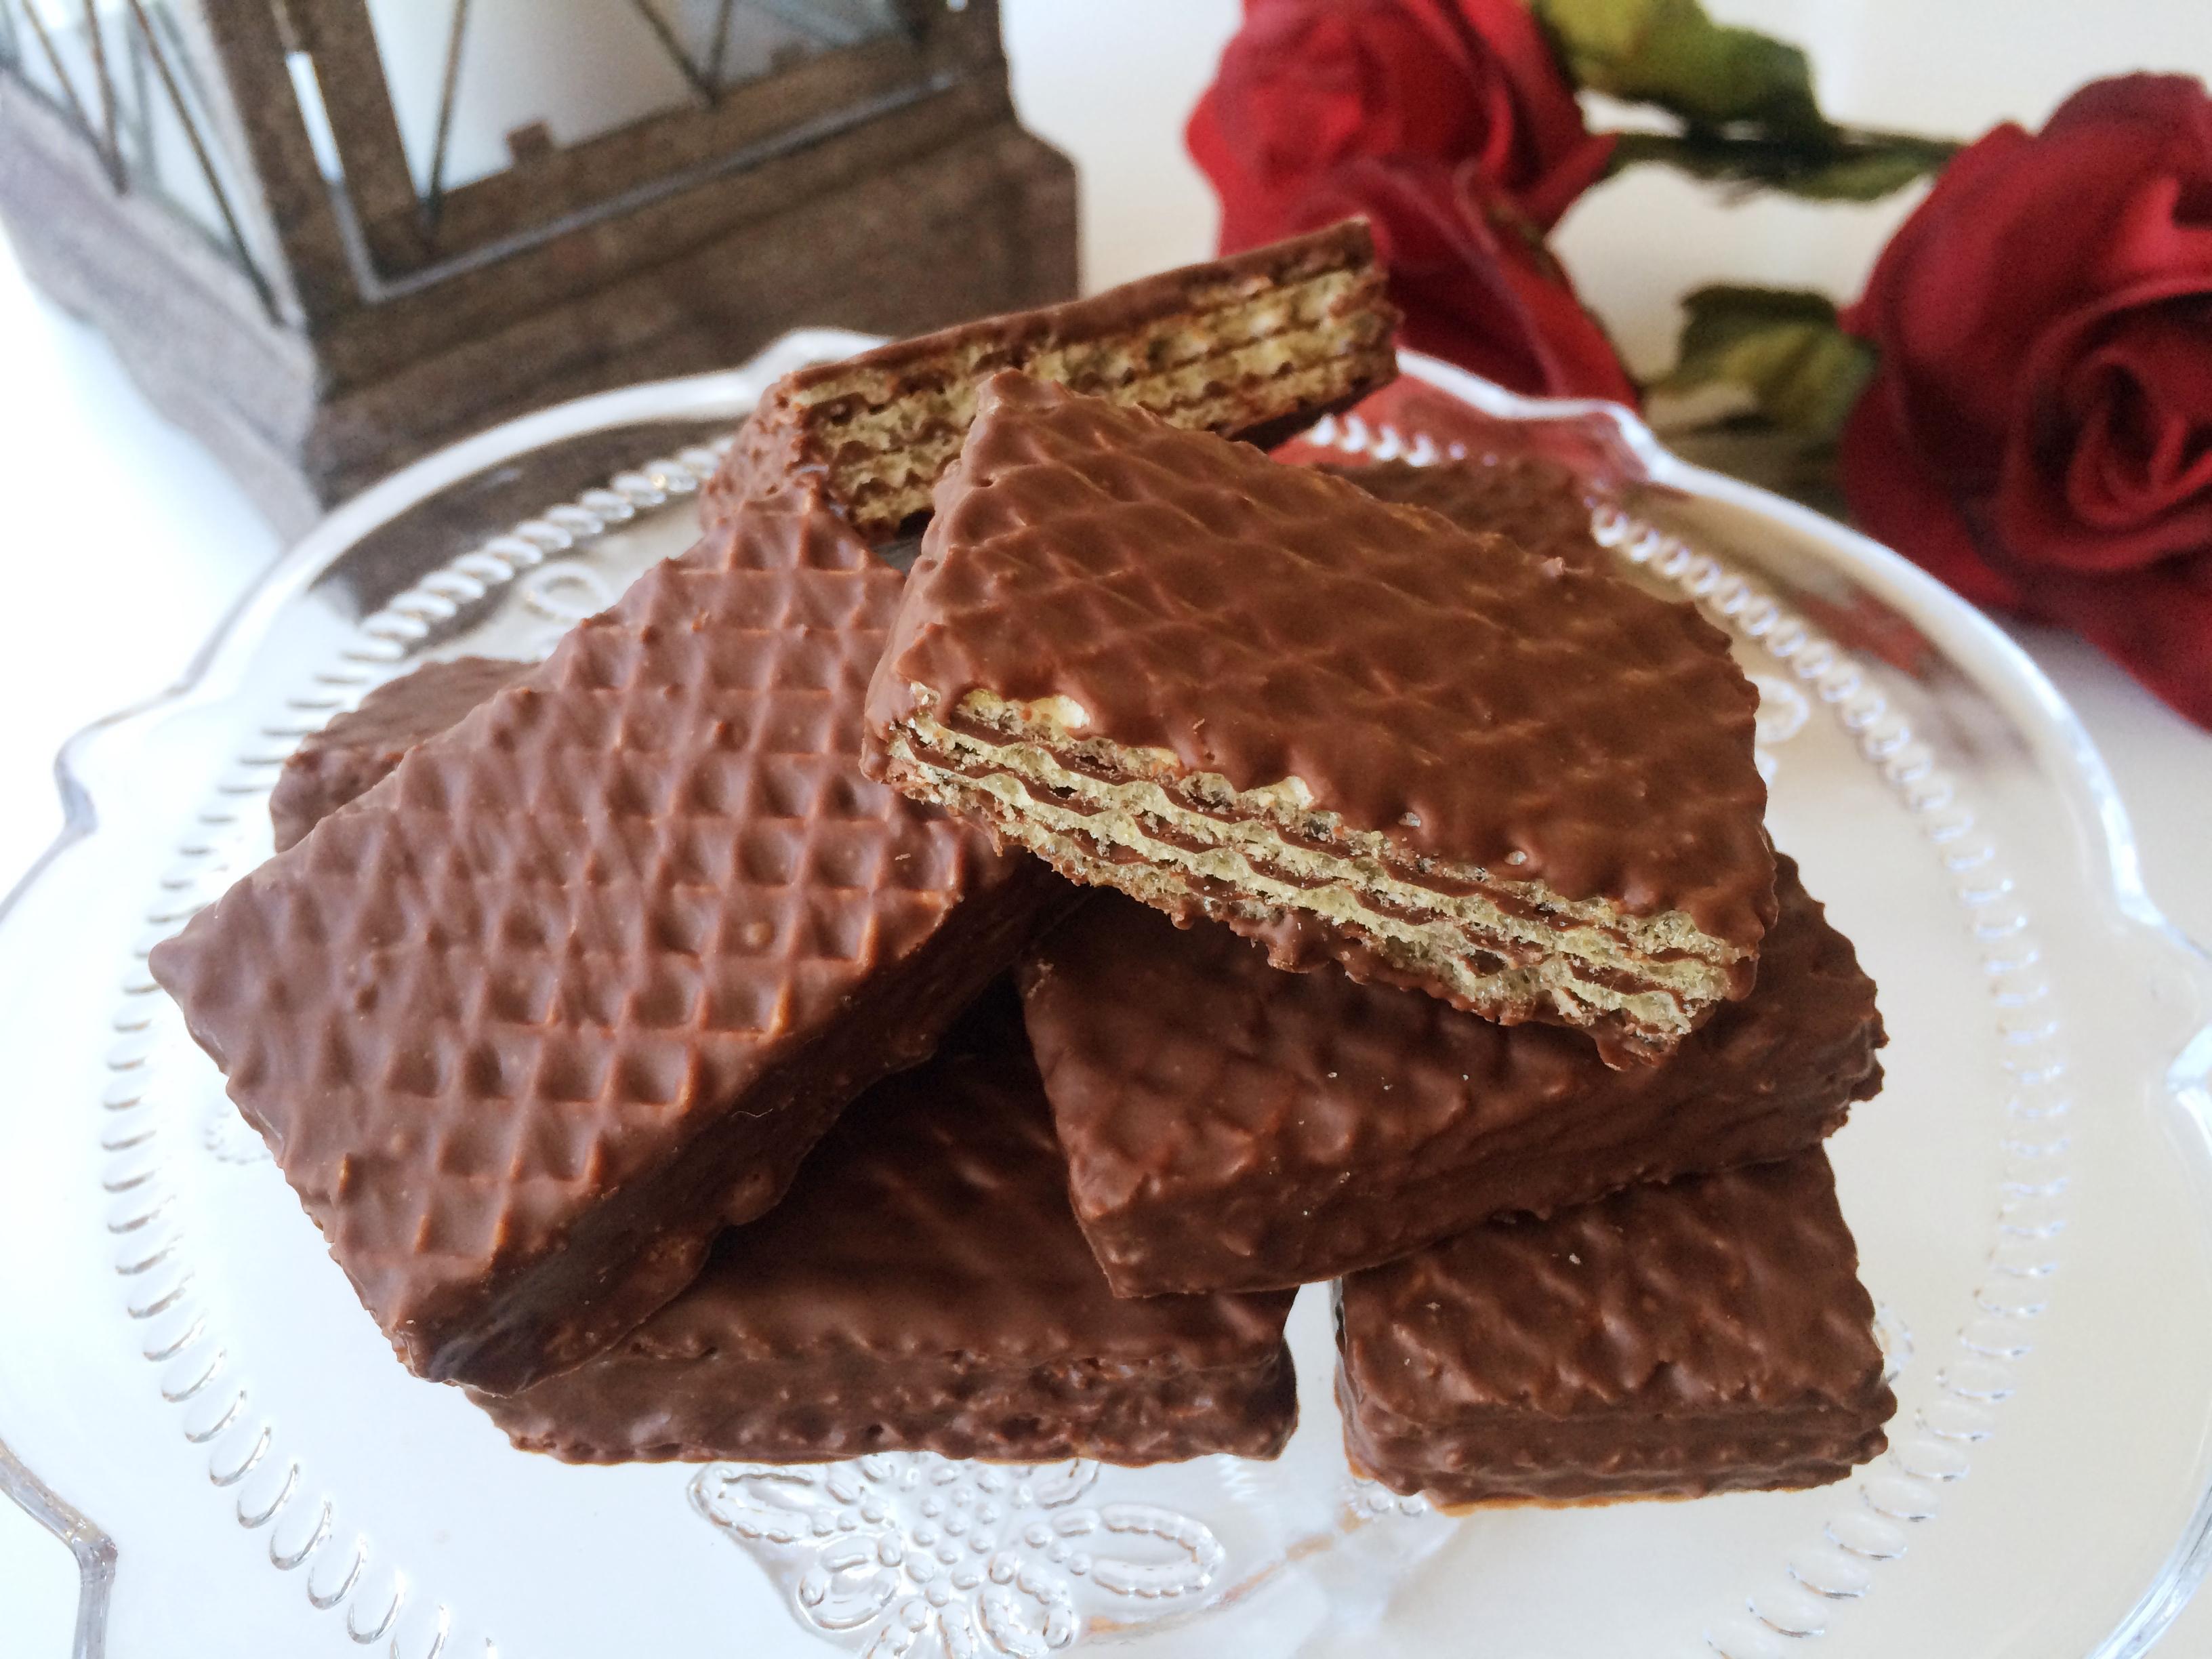 Göra egen choklad recept